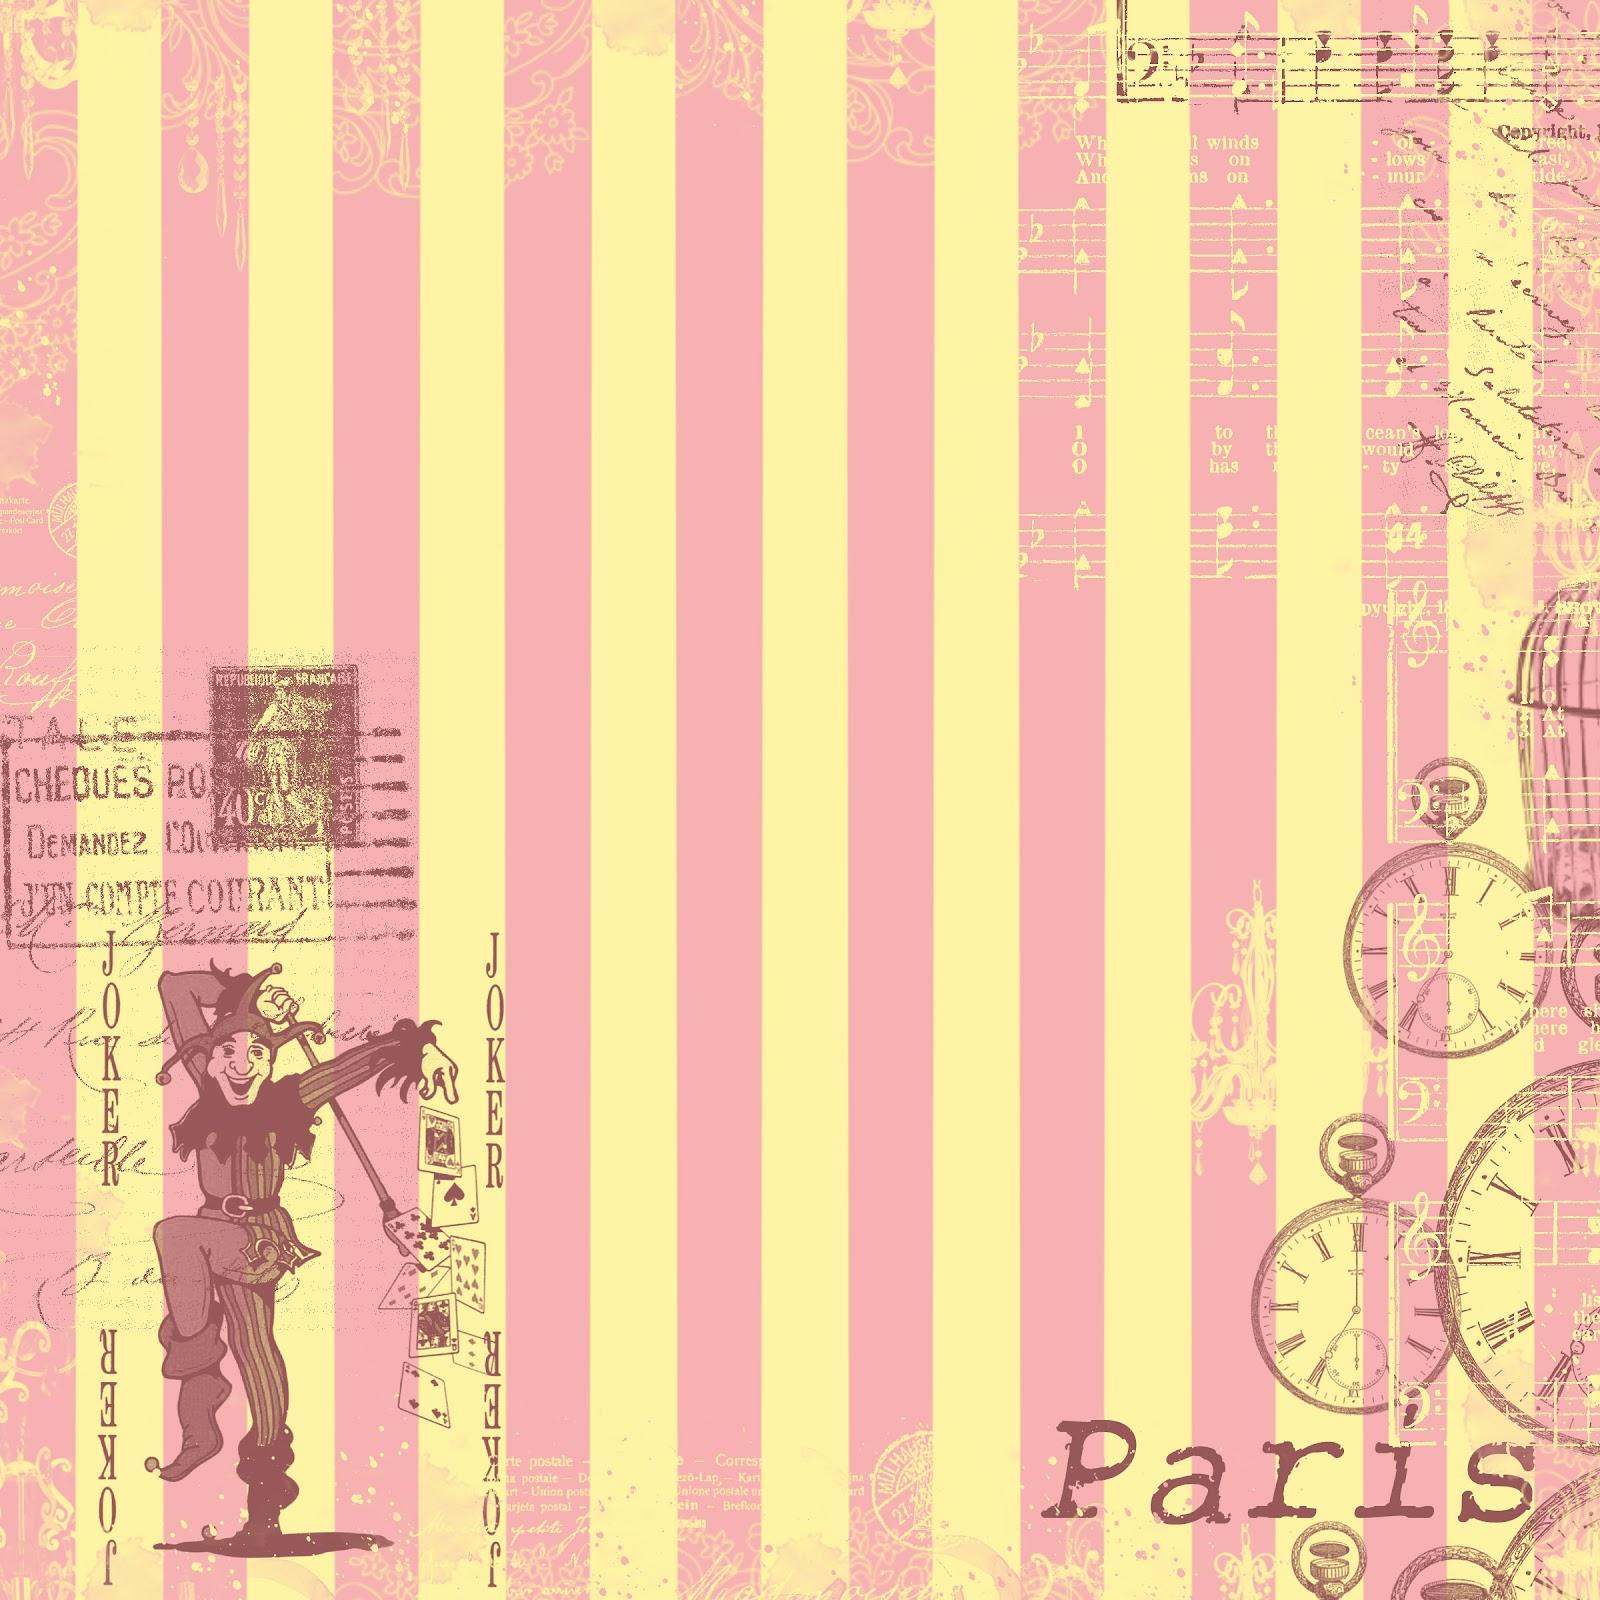 http://1.bp.blogspot.com/-K3GATAdiJNw/T9a7Lcvj4fI/AAAAAAAAFXo/gzYR96v_4w4/s1600/free%2Bdigital%2Bscrapbook%2Bpaper_yellow%2Band%2Bpink%2Bcollage_.jpg